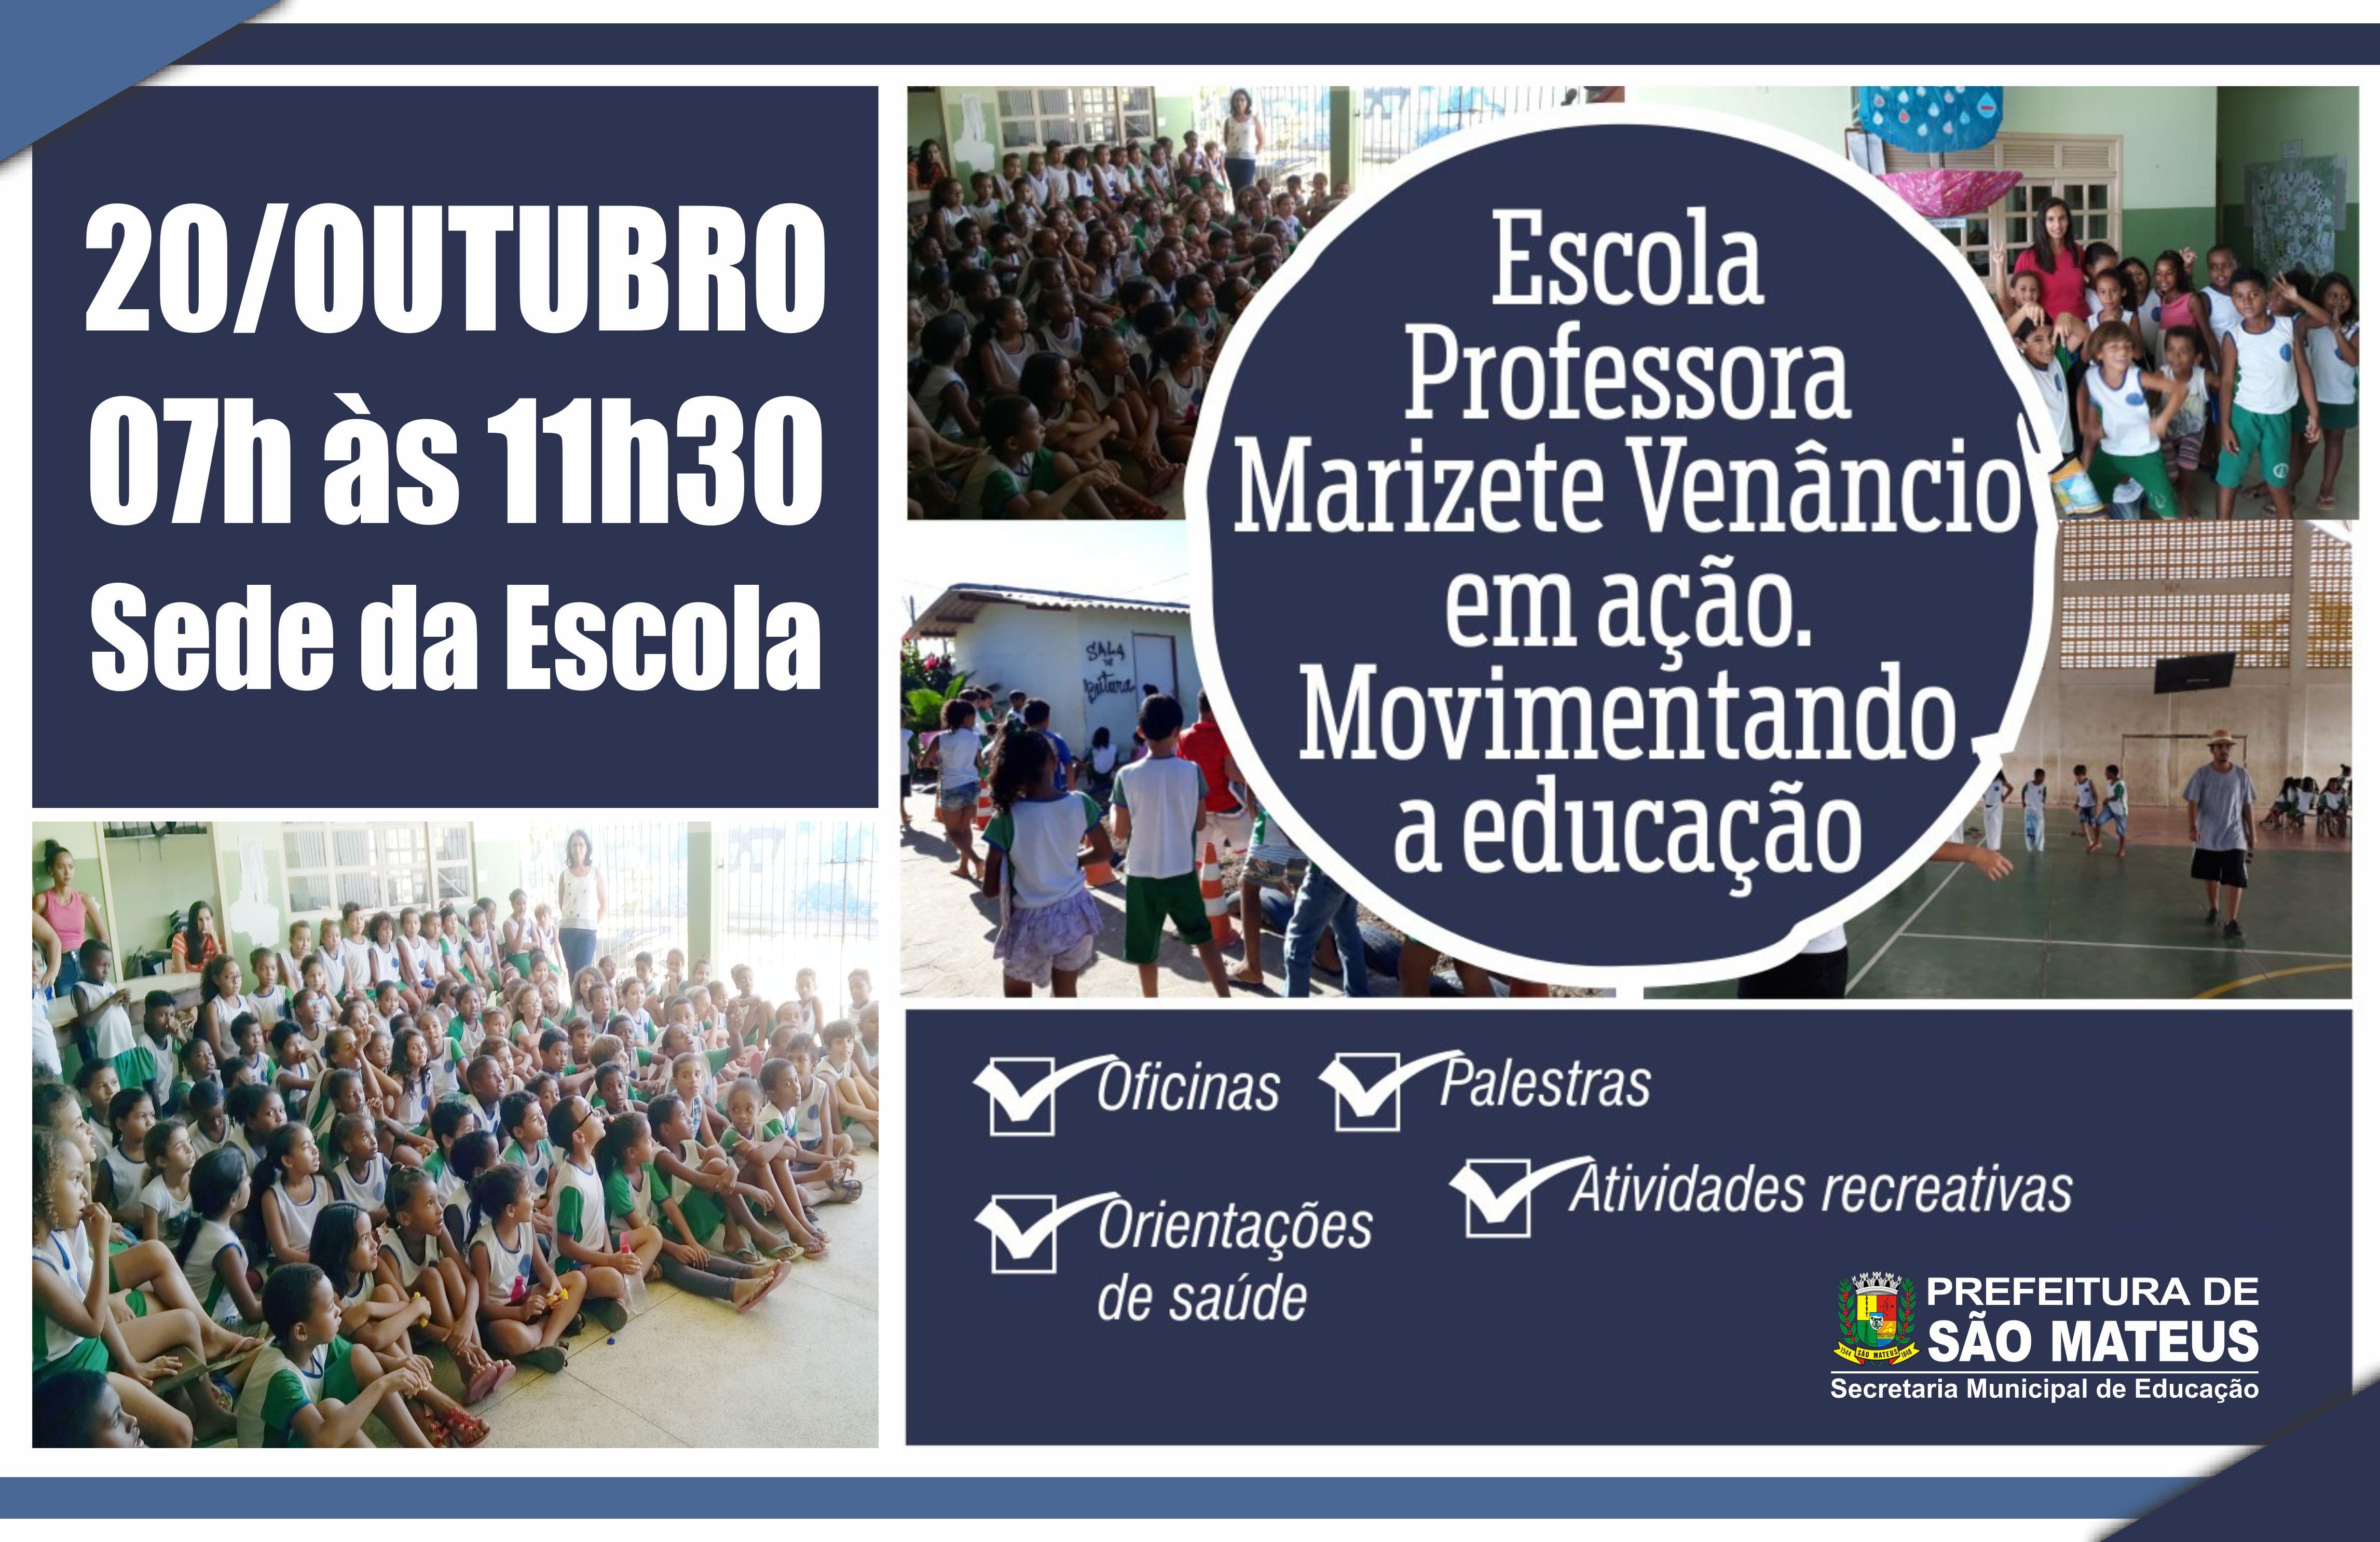 Escola Professora Marizete Venâncio realiza Ação Cidadã no Bairro Aroeira